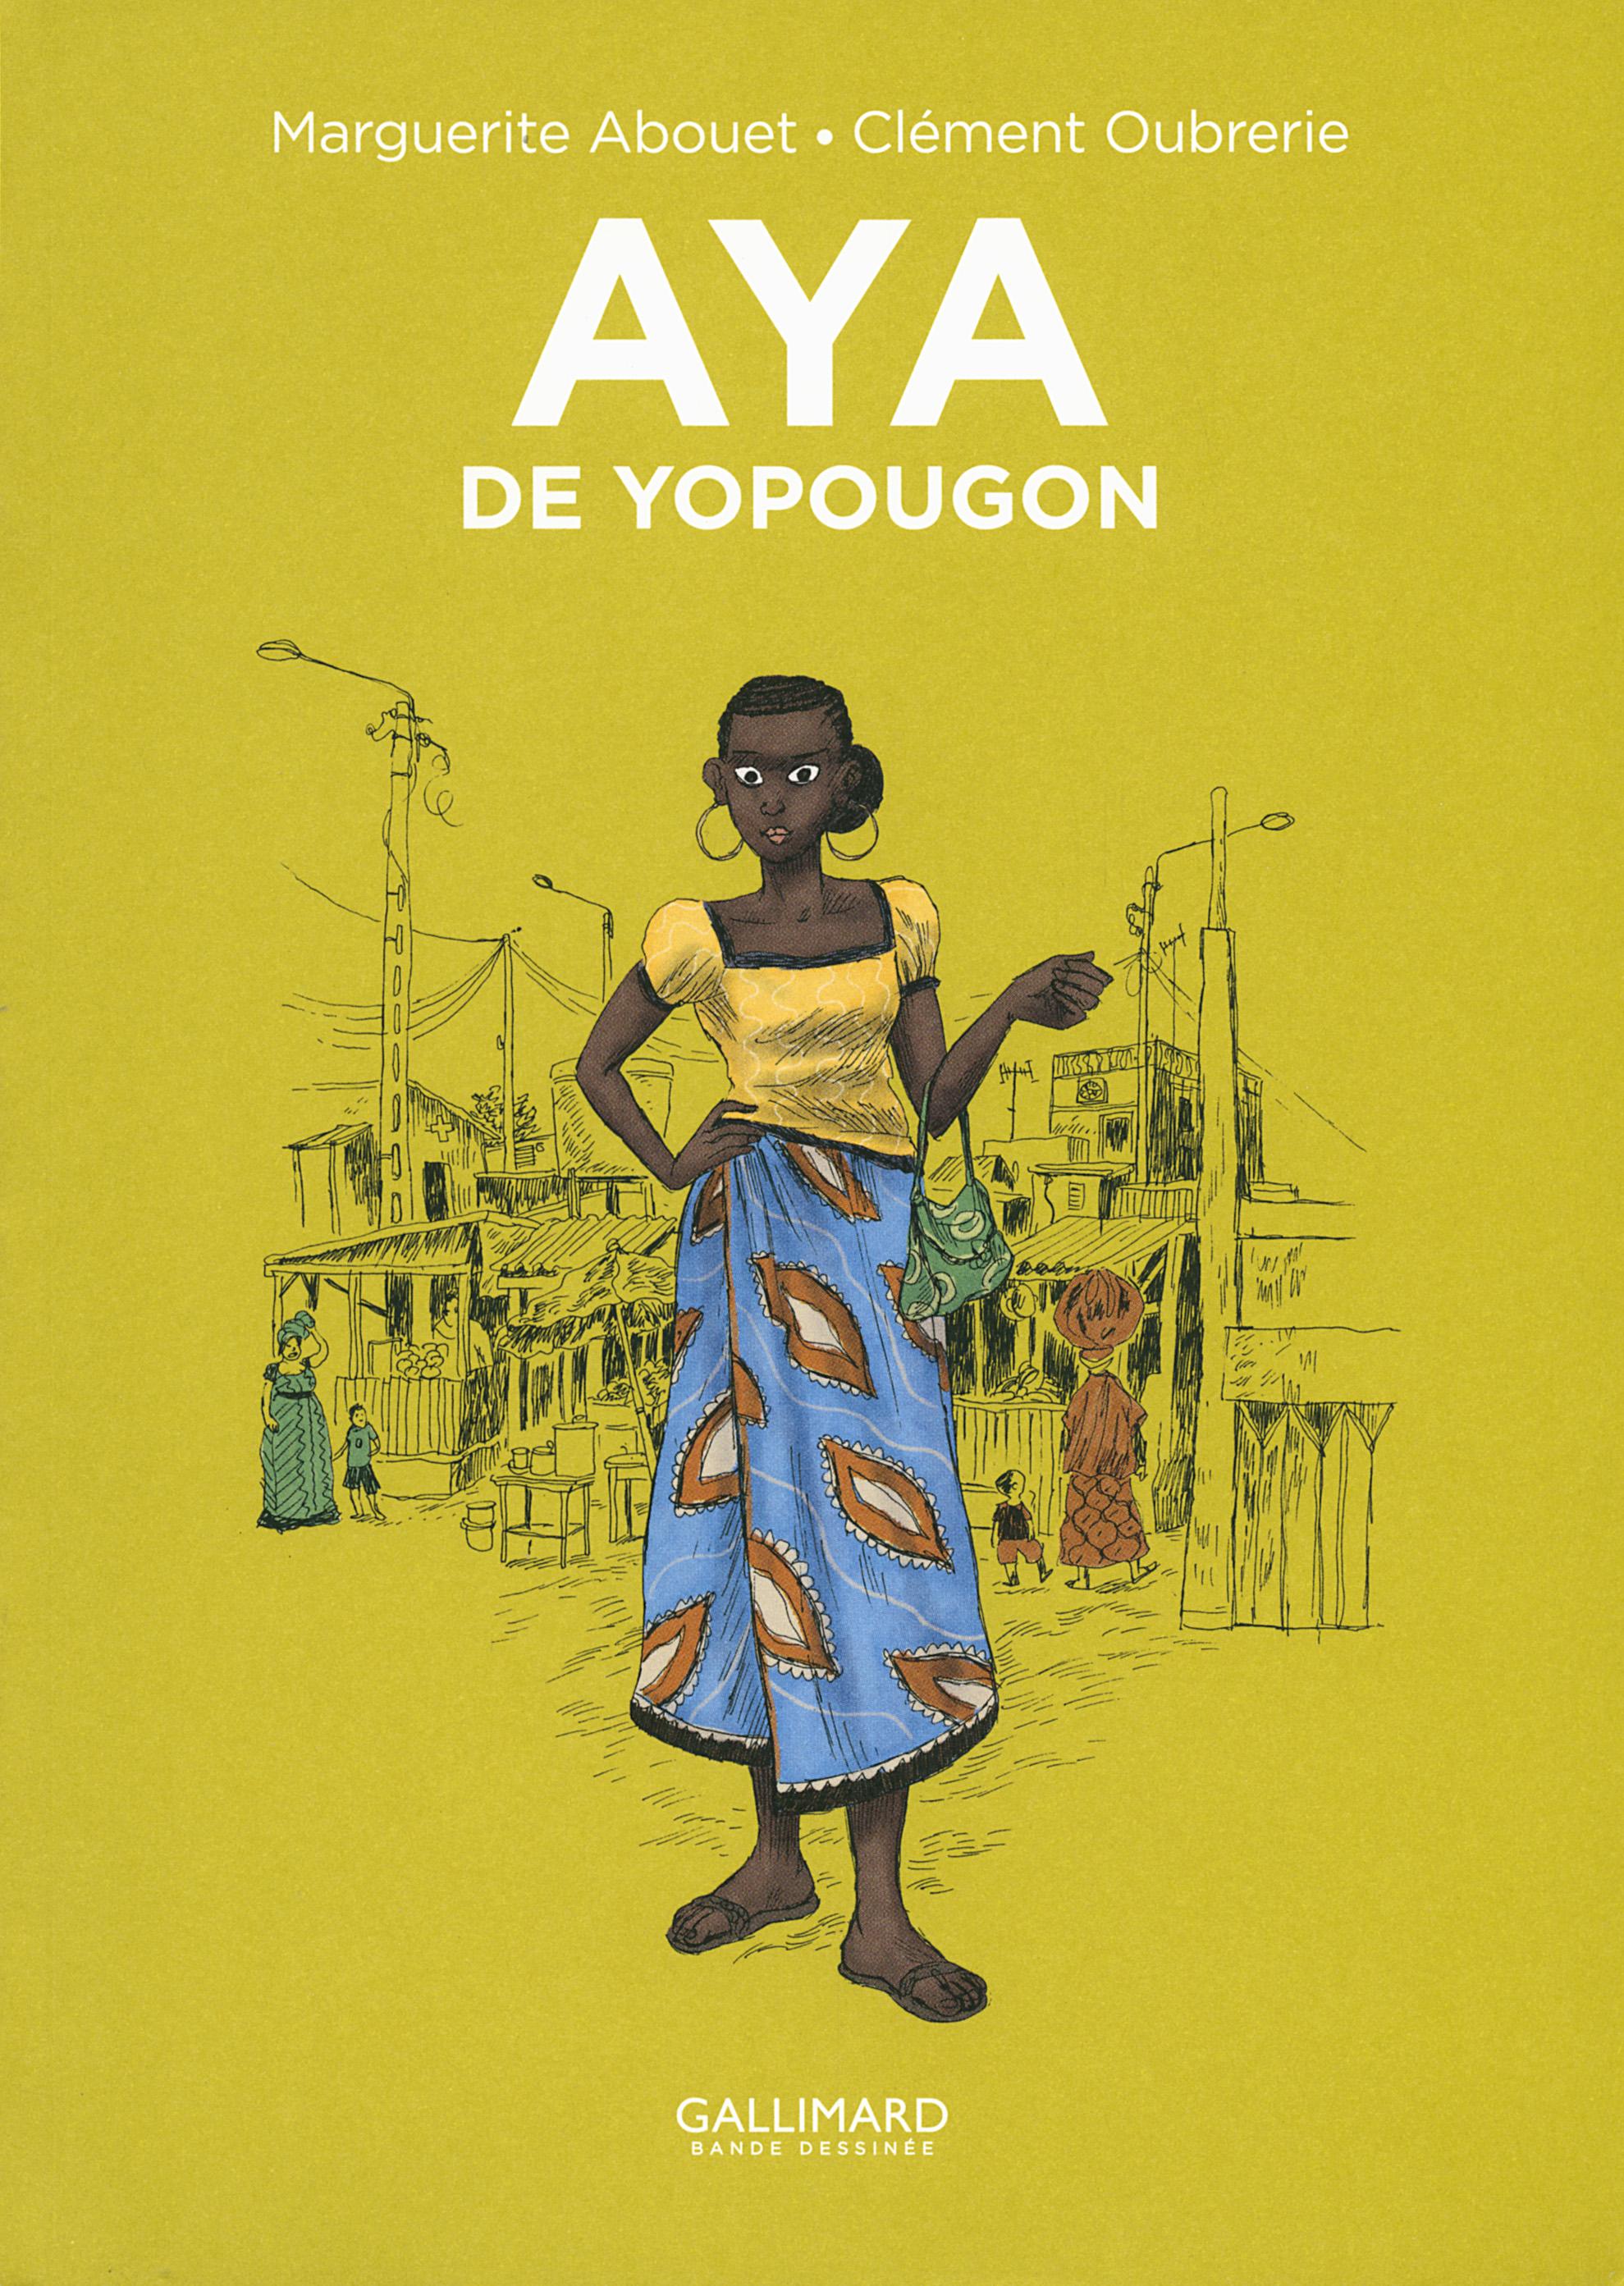 Aya de Yopougon, Édition spéciale 10 ans, Tome1 Couverture du livre